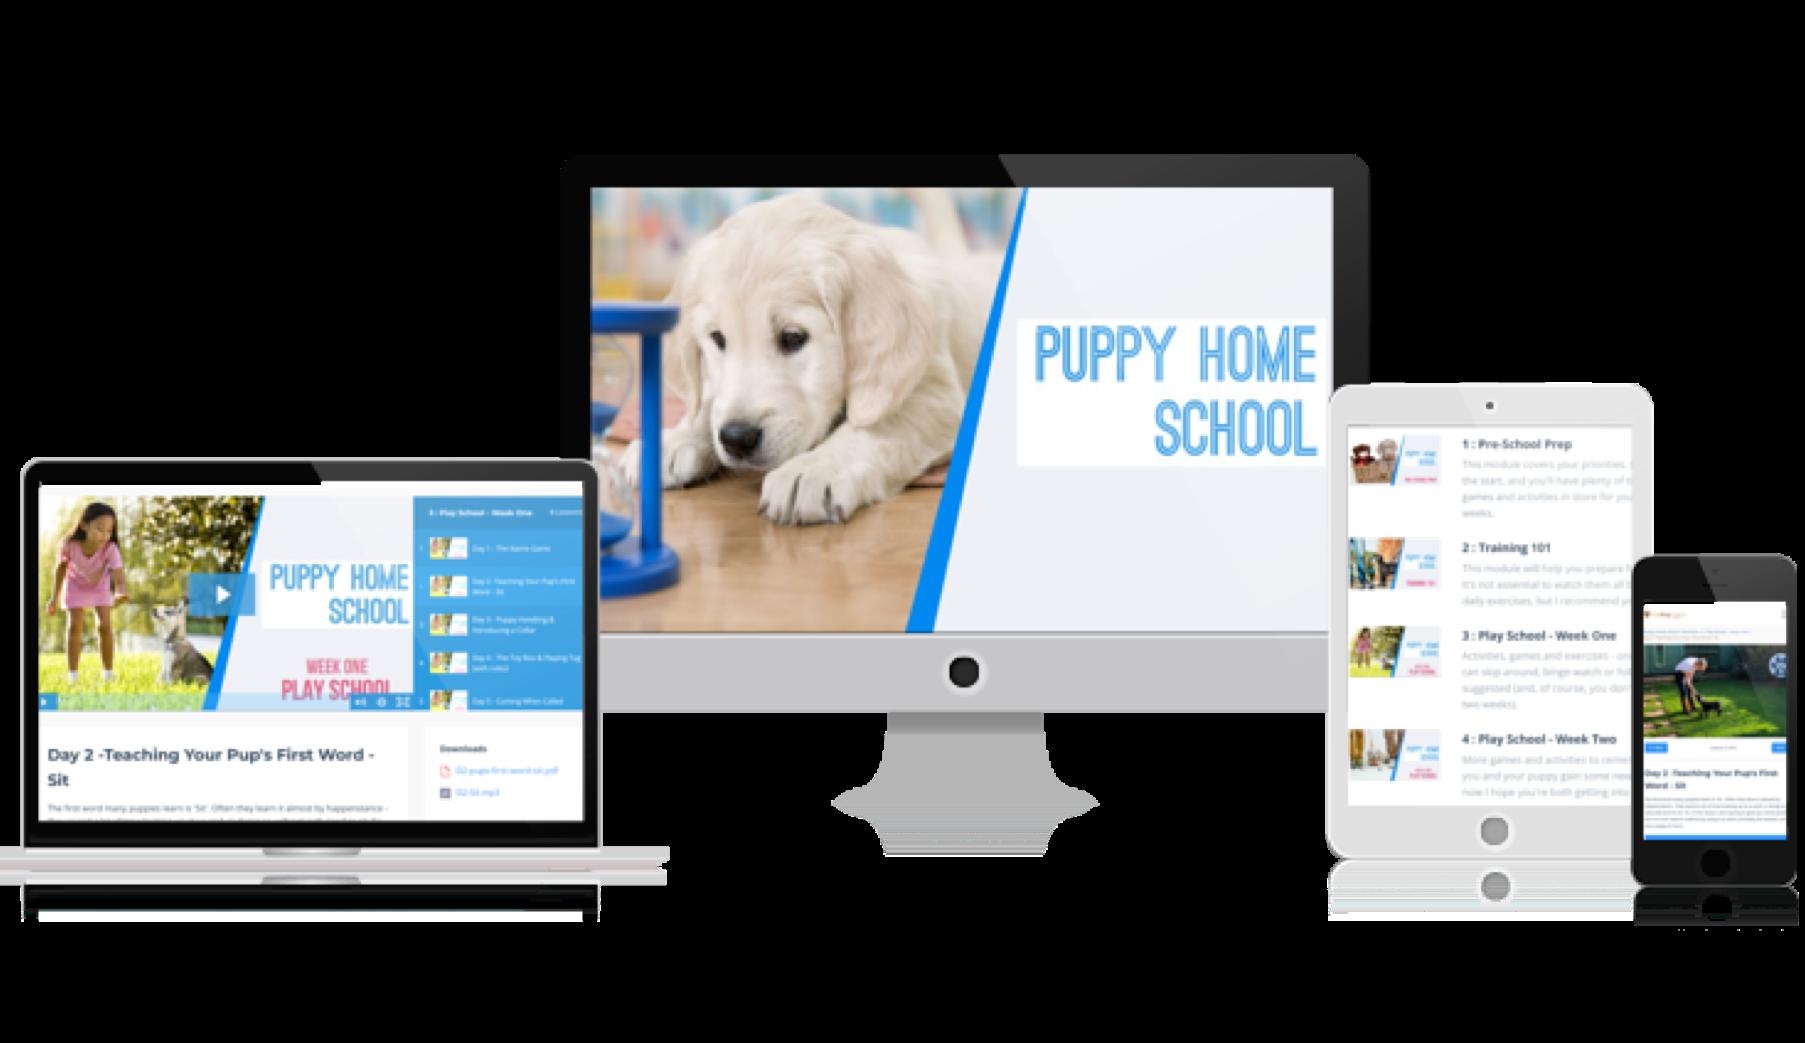 Puppy Home School Online